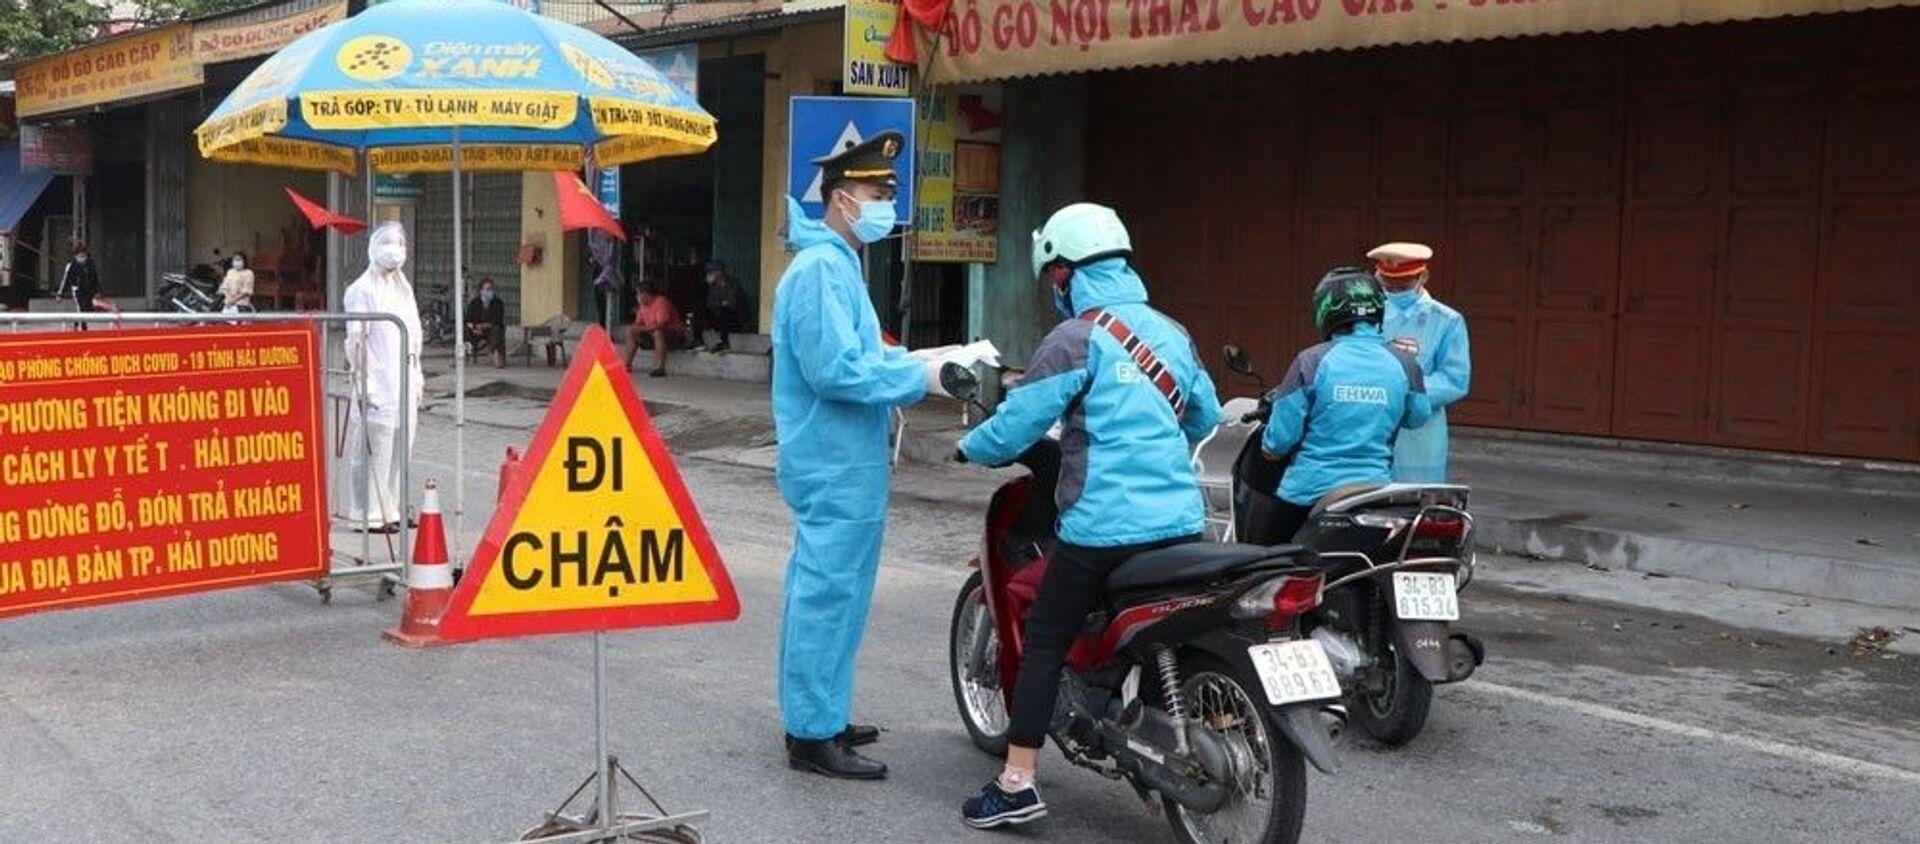 Chốt kiểm soát cấp tỉnh đặt ở ngã 3 chân cầu vượt Quán Gỏi, Hưng Thịnh, huyện Bình Giang. - Sputnik Việt Nam, 1920, 16.02.2021